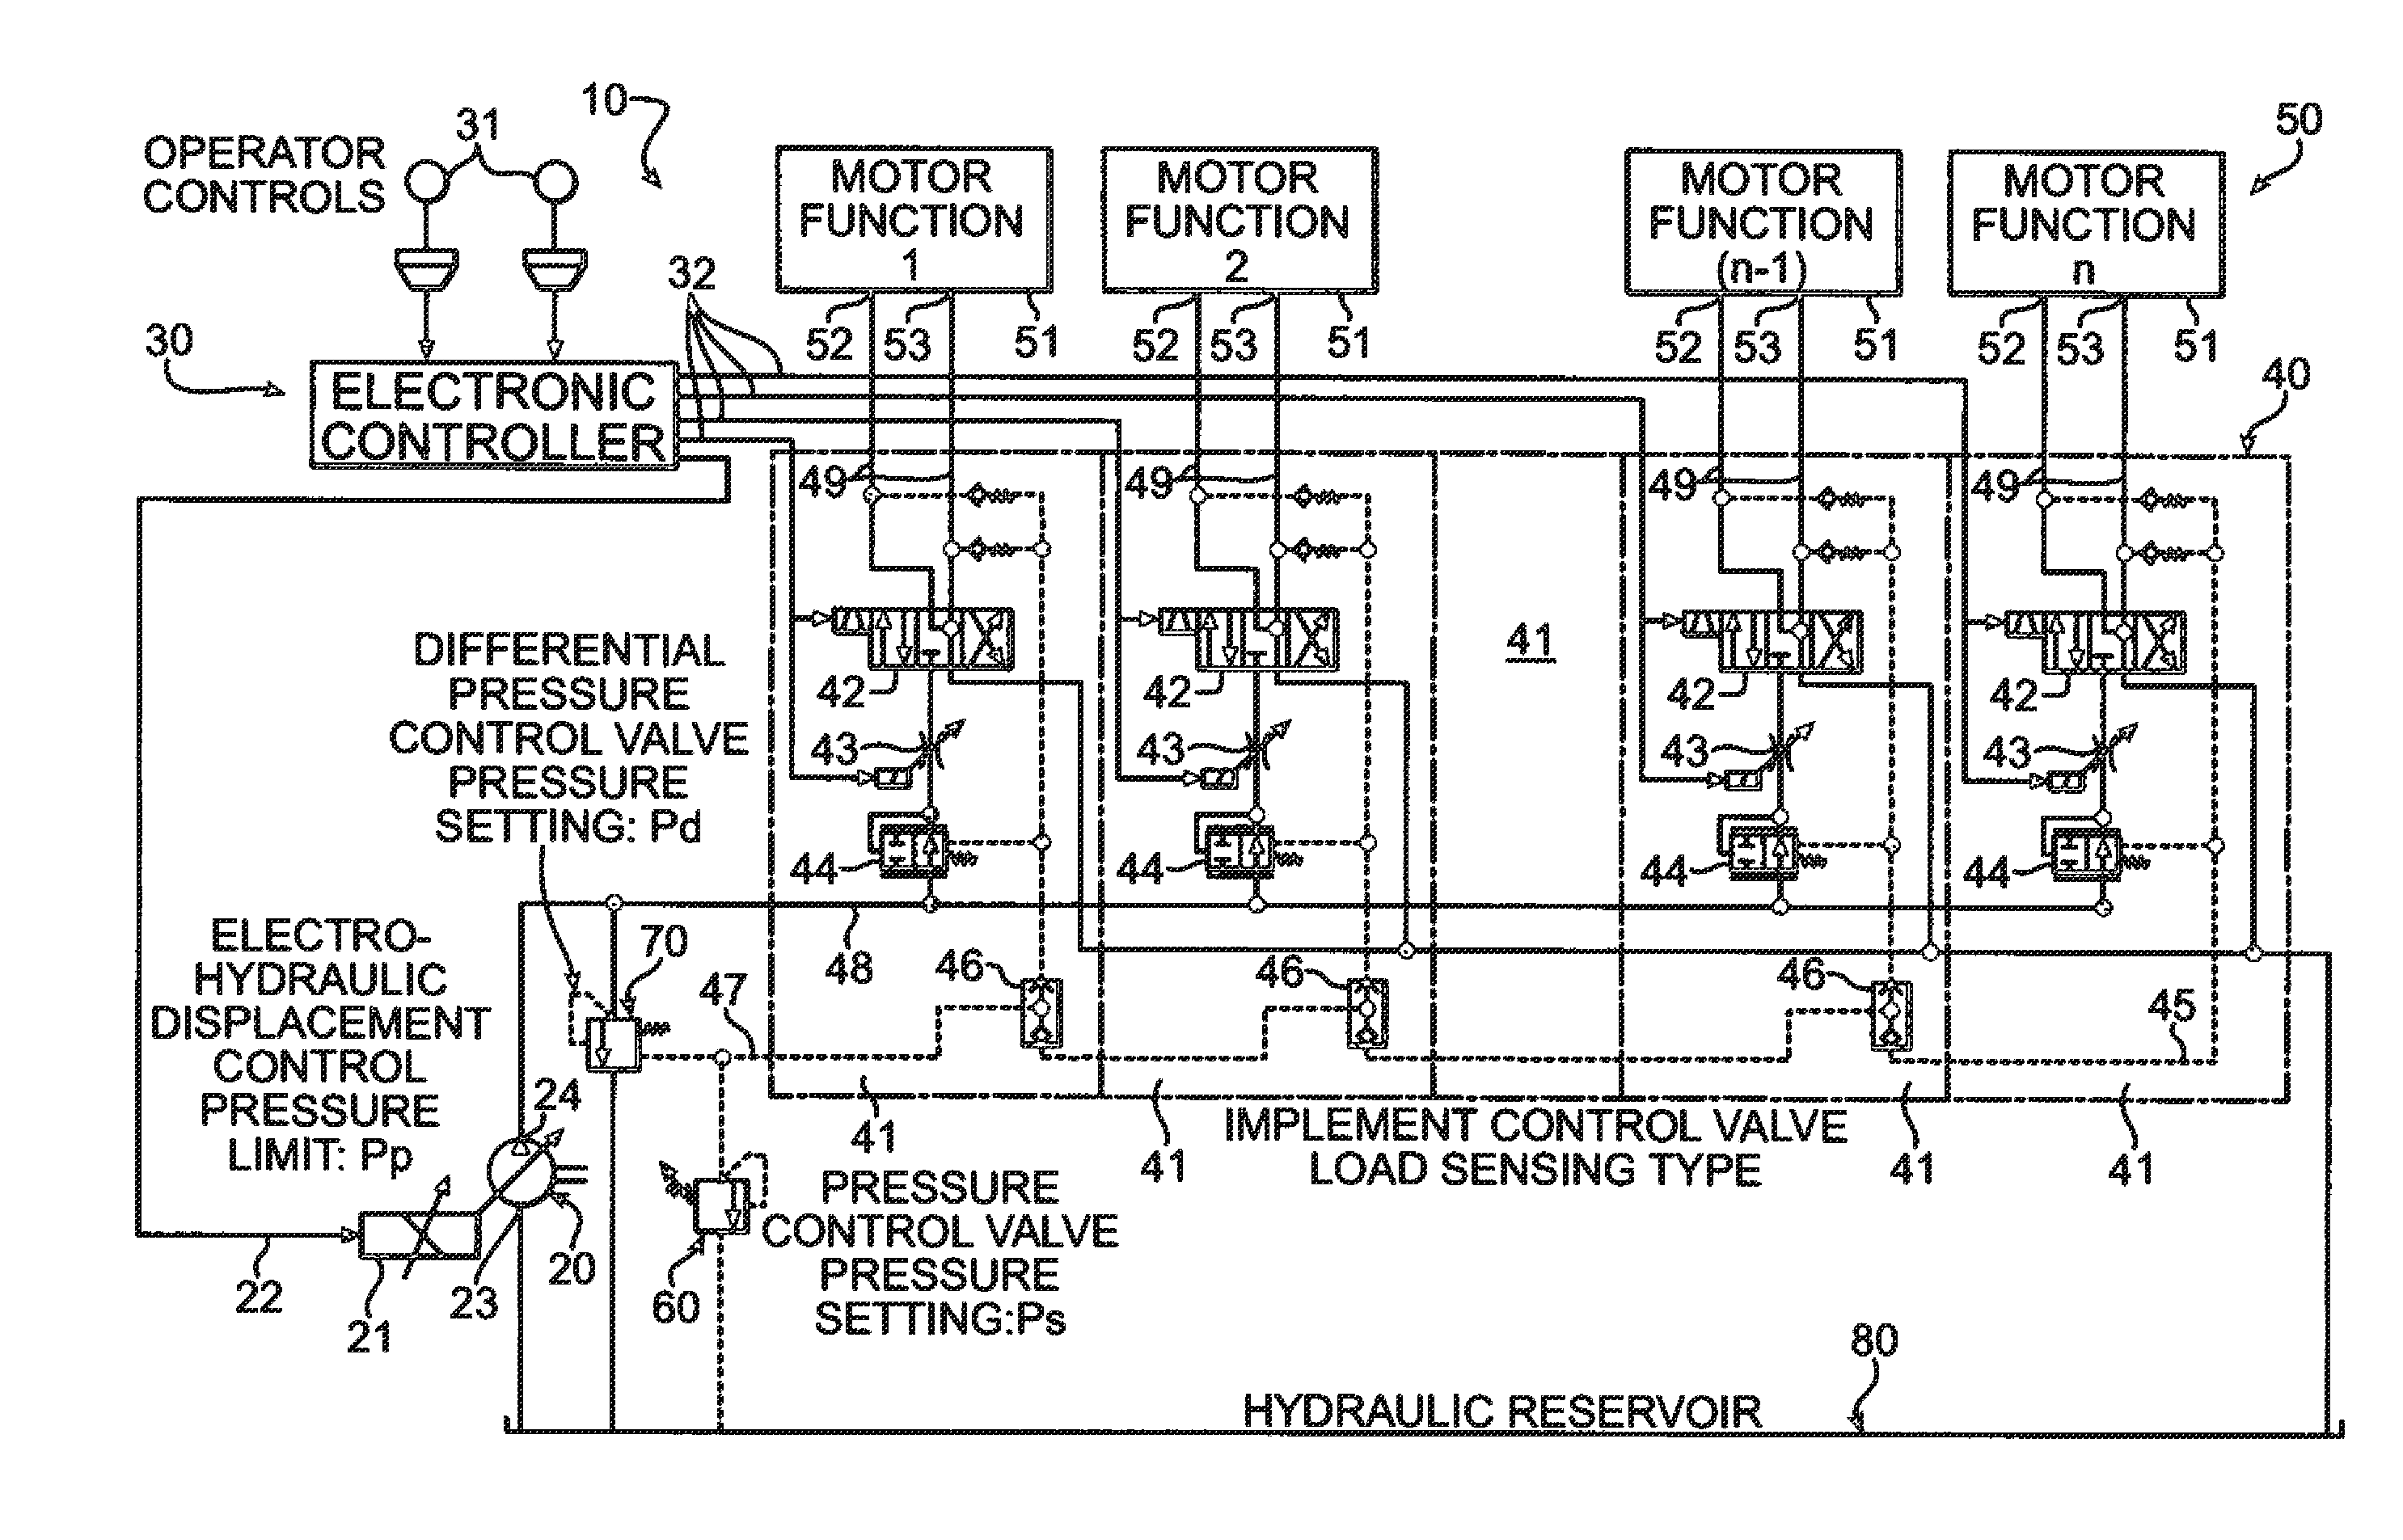 Muncie Wiring Diagram Rj 25 Cat 3 Wiring Diagram For Wiring Diagram Schematics